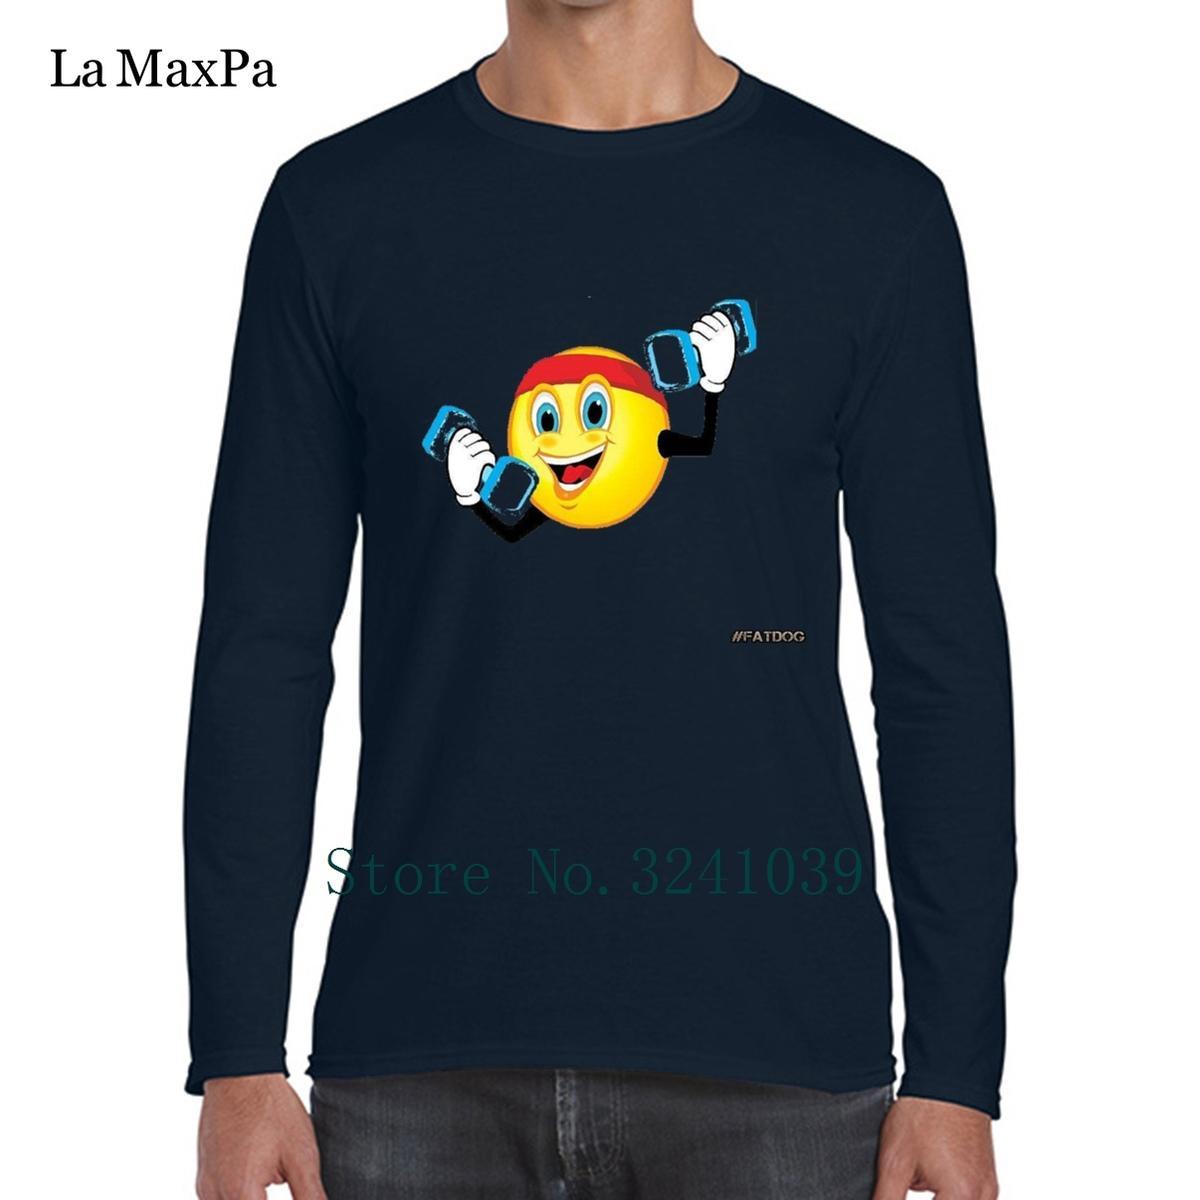 La Maxpa характер новое прибытие Юмор тренировки смайлик мужская футболка фирменных 2018 Мужская футболка взрослых О-образным вырезом футболка поп топ